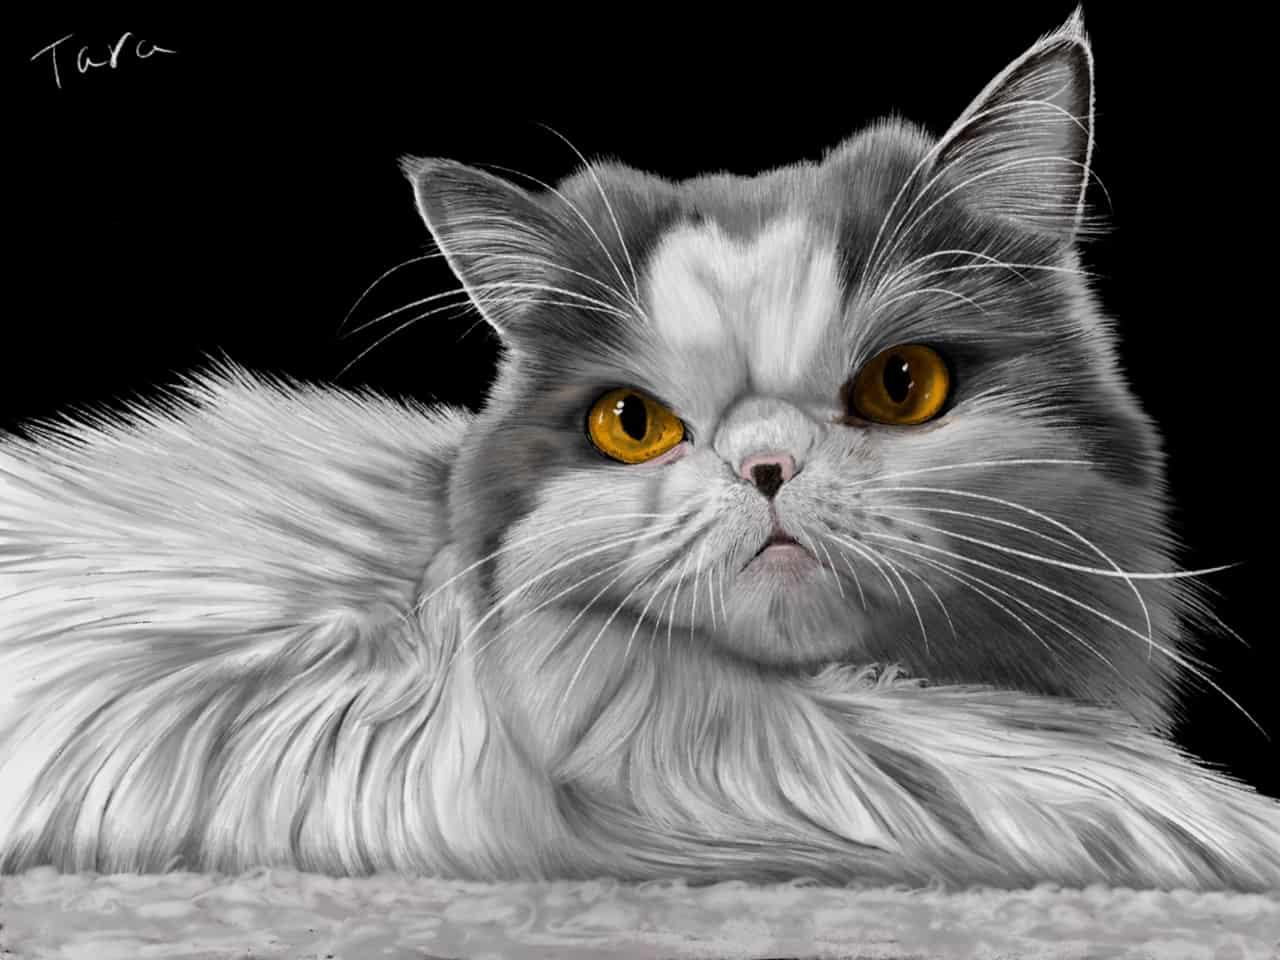 エキゾチックロングヘアー Illust of ekadhooj cat エキゾチックロングヘアー painting 猫絵 絵画 illustration animal エキゾチック ペイント デジタルアート